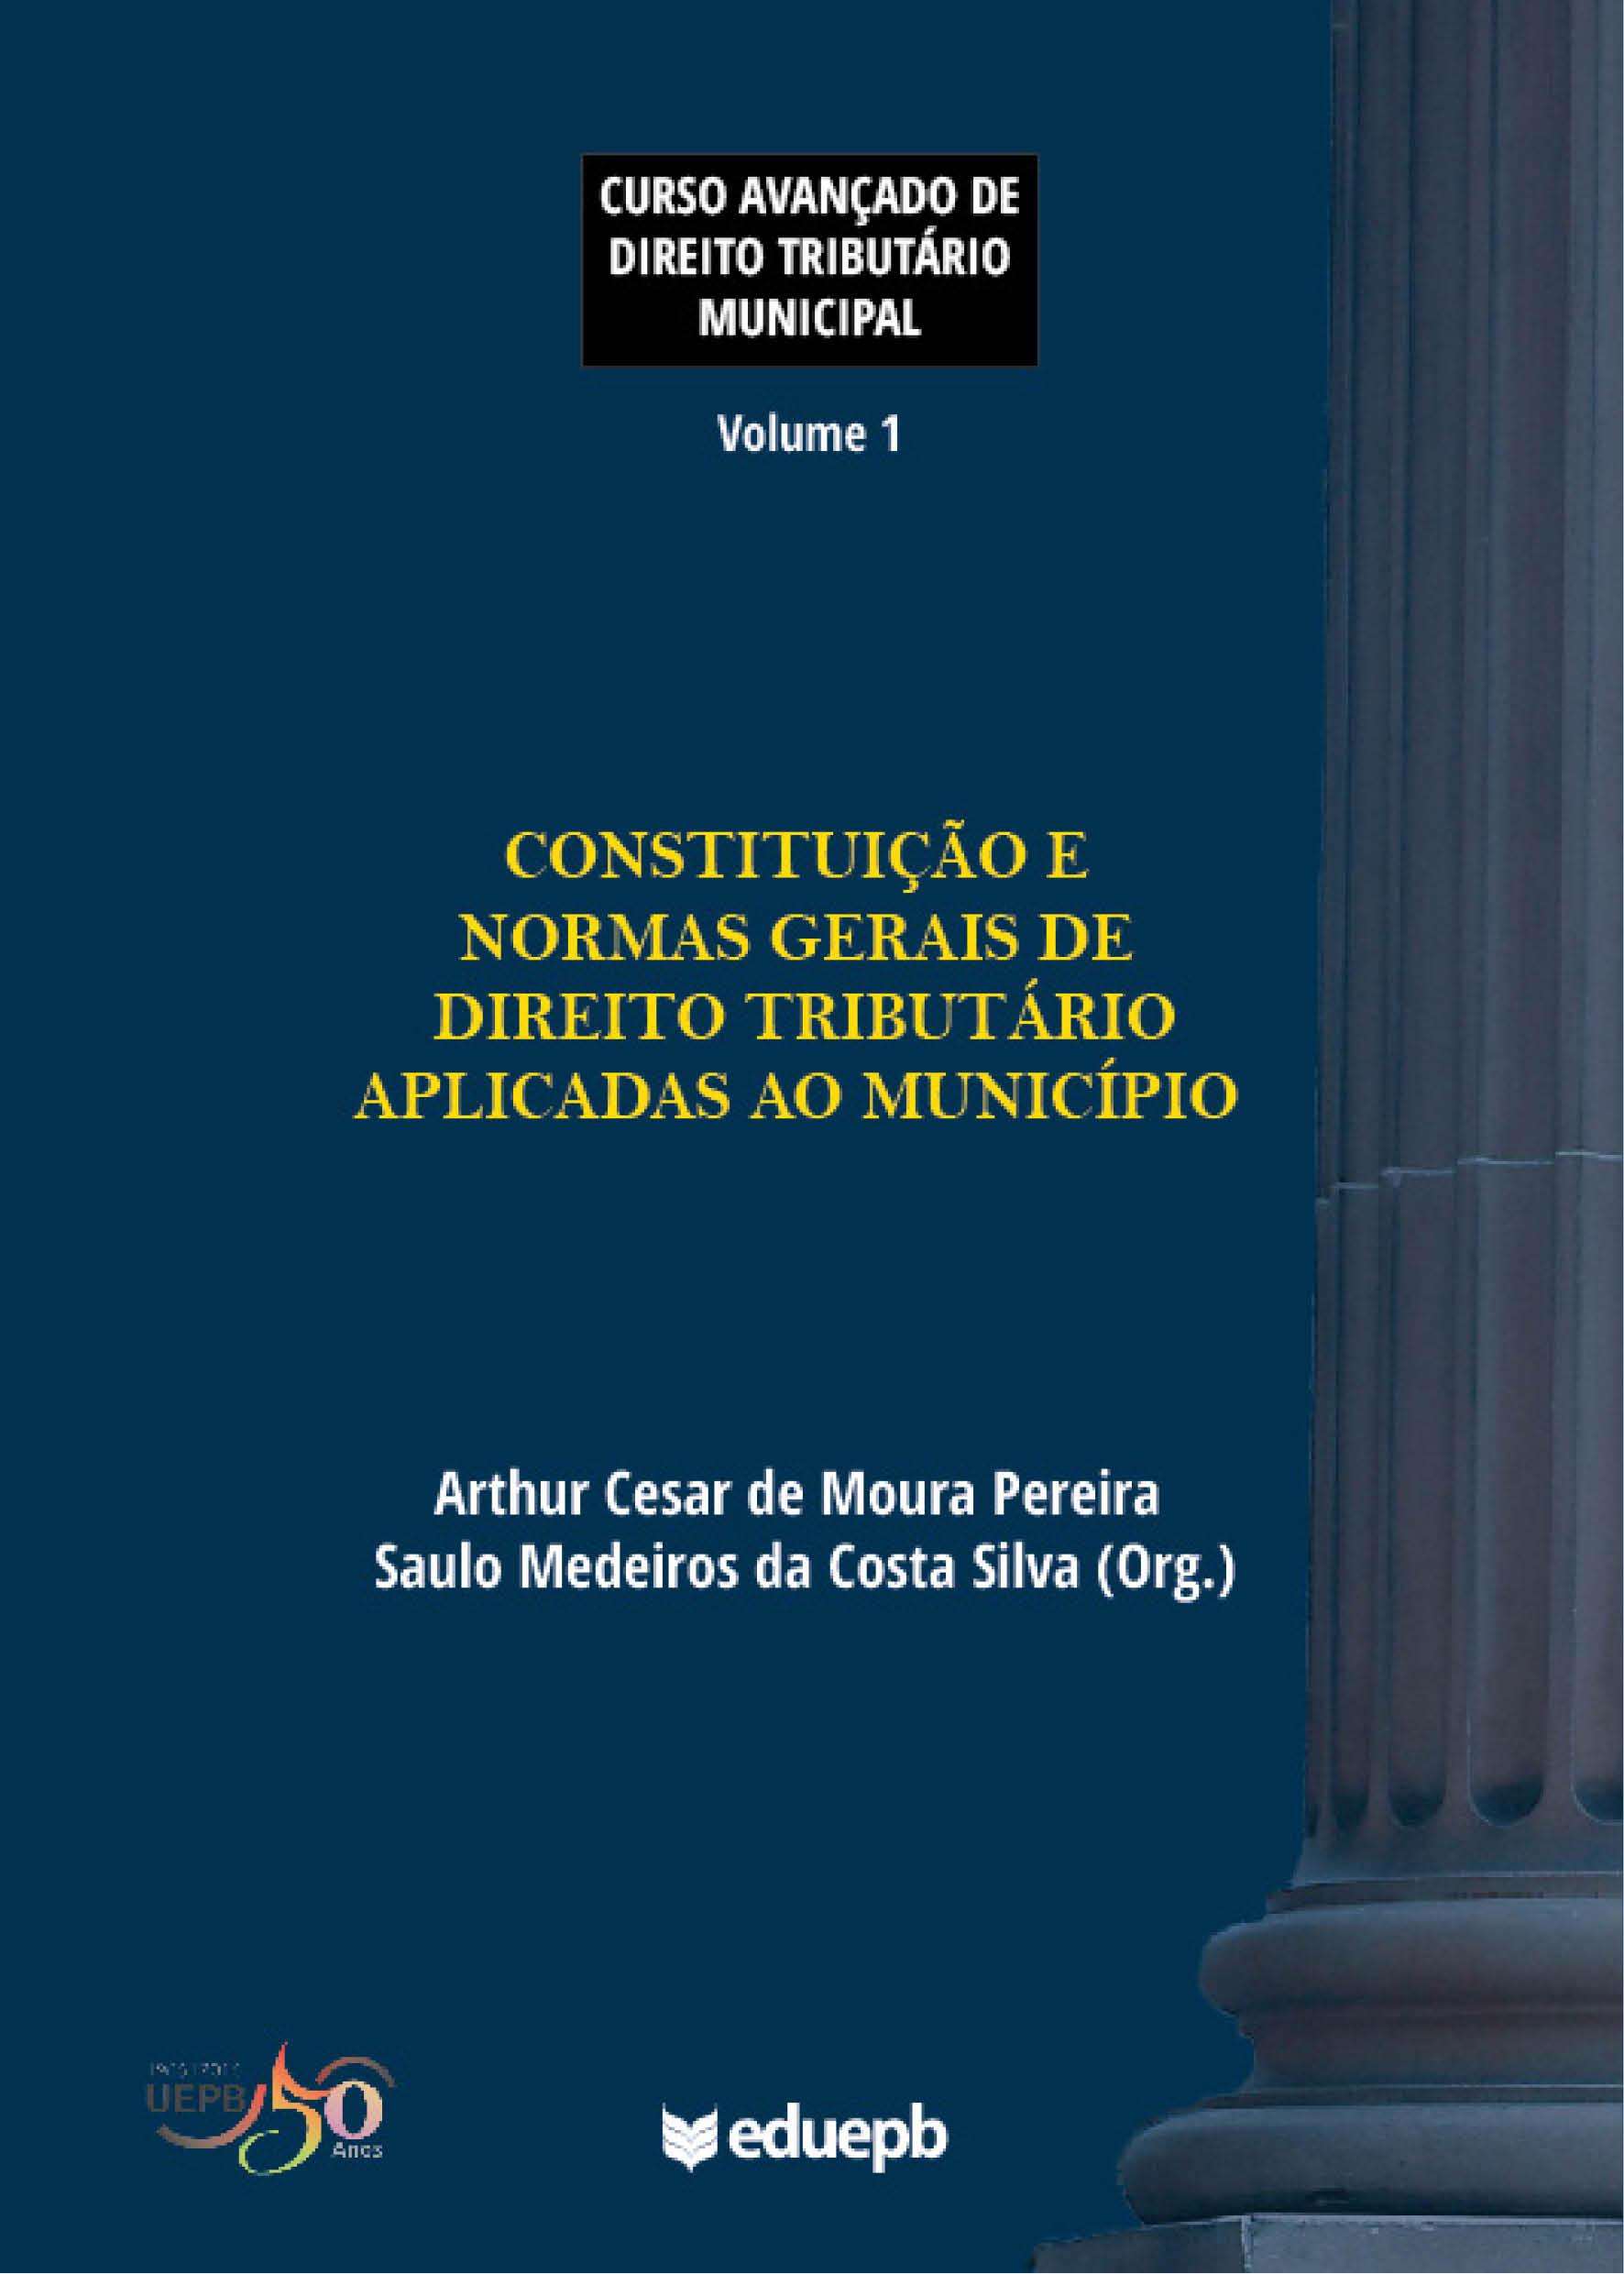 Curso avançado de direito tributário municipal - Volume 3